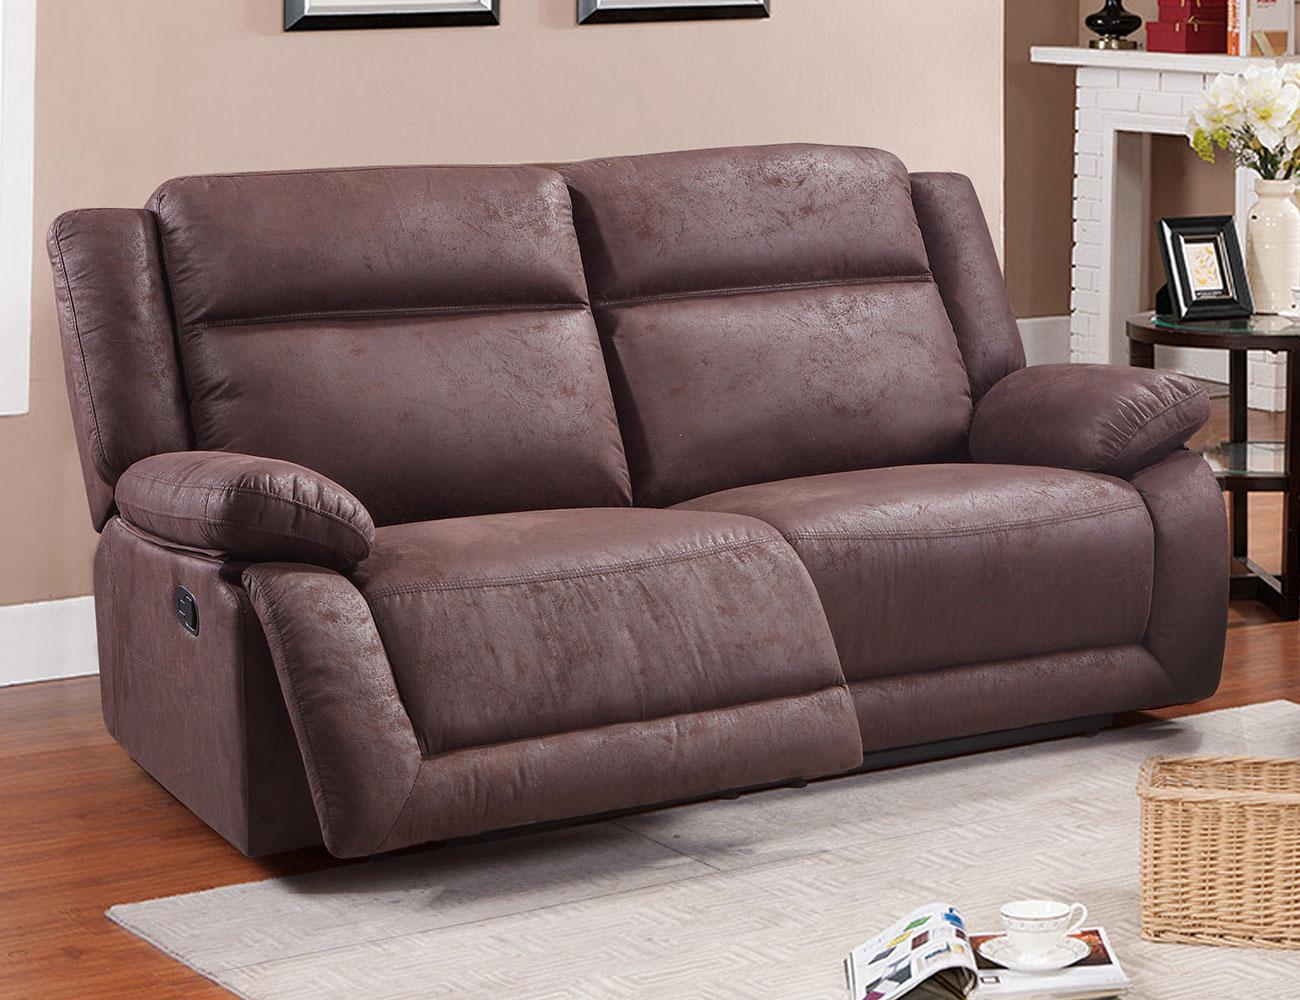 sof relax 3 plazas con 2 asientos en color chocolate 19555 factory del mueble utrera. Black Bedroom Furniture Sets. Home Design Ideas